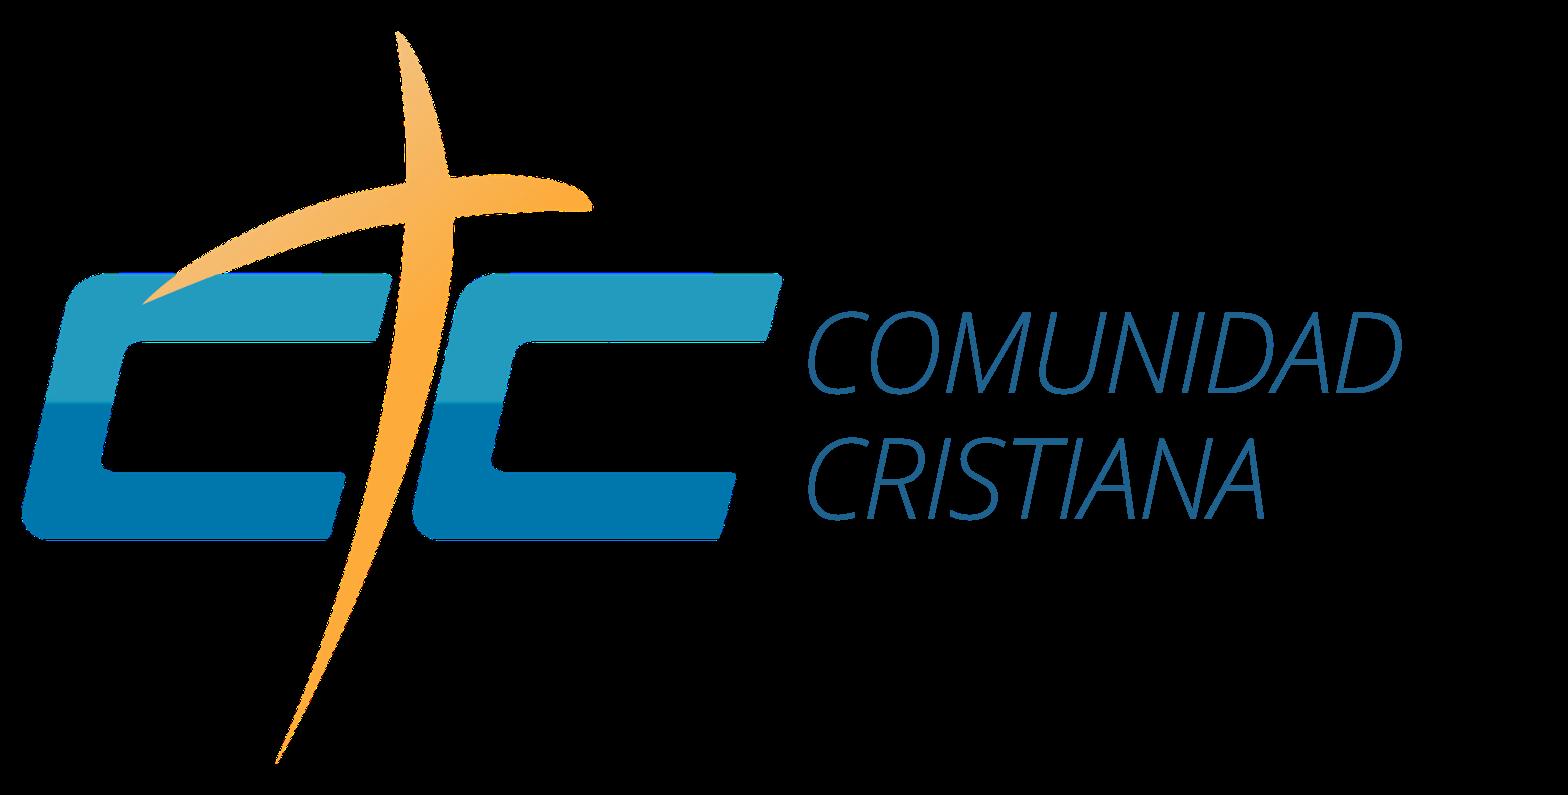 Comunidad Cristiana